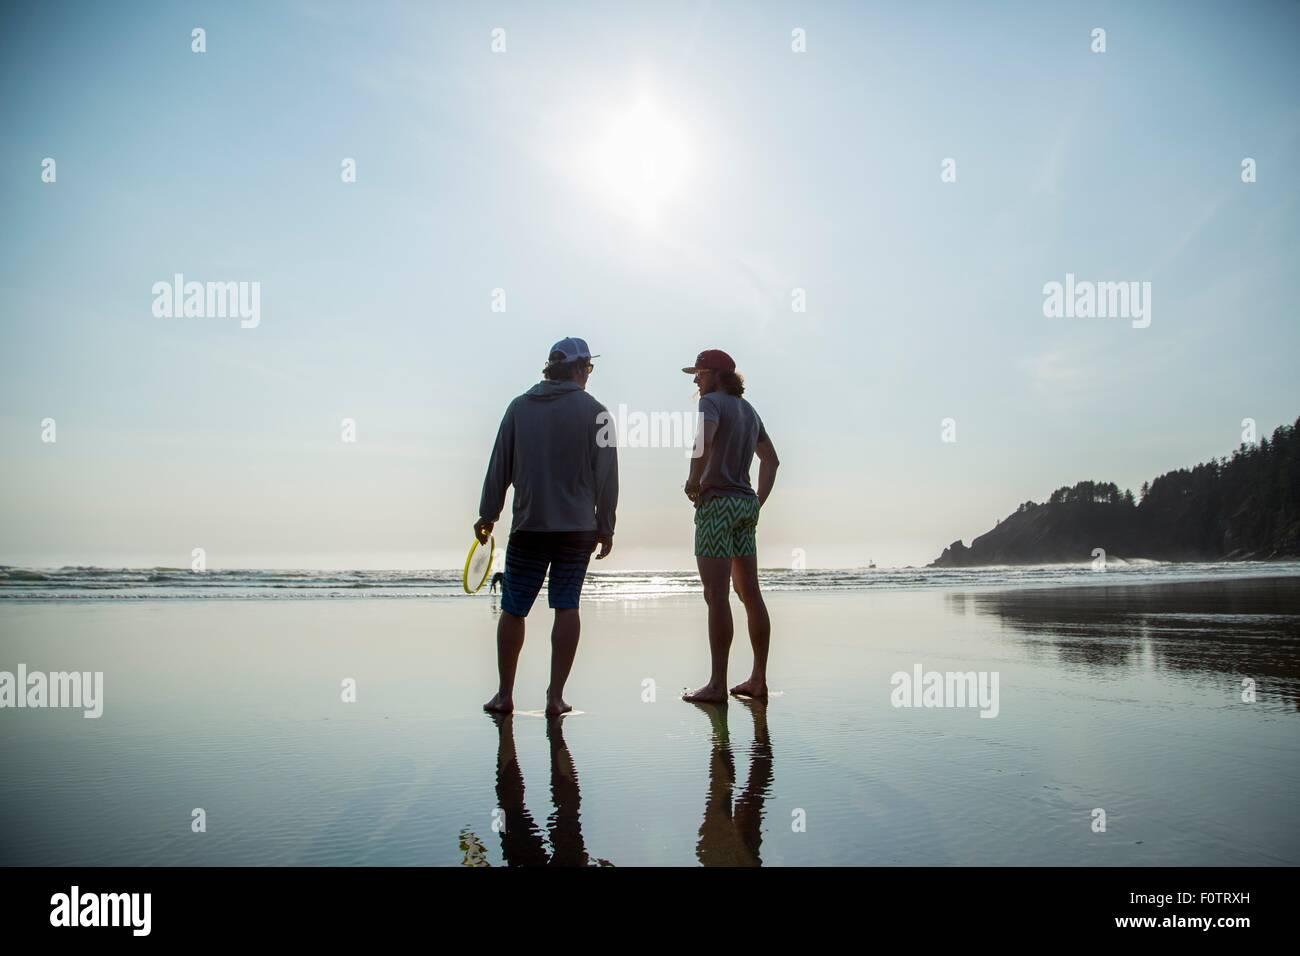 Vista traseira de outra forma apareceriam esbatidos de dois jovens homens de bate-papo no curto Sands Beach, Oregon, Imagens de Stock